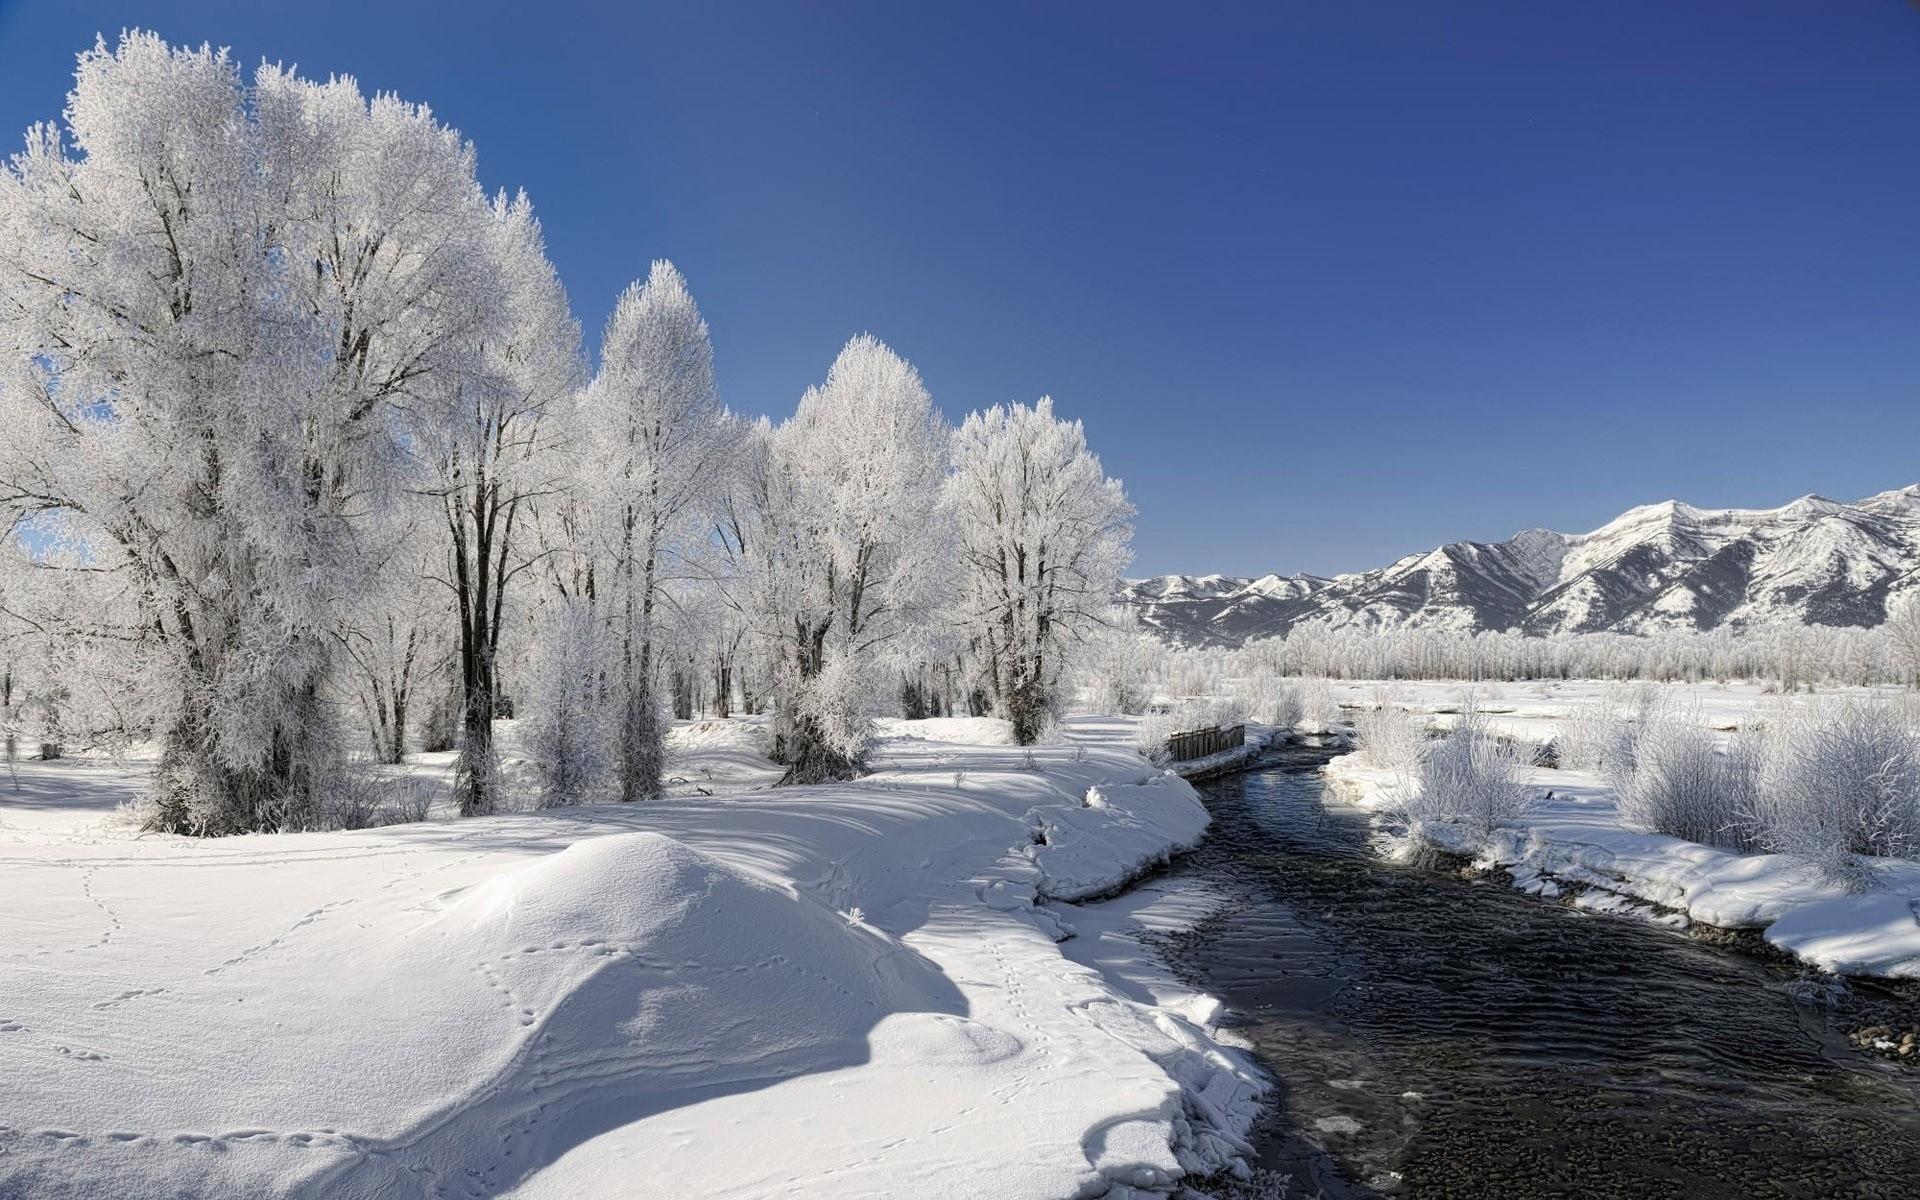 Красивые картинки зимы на рабочий стол в хорошем качестве (21)